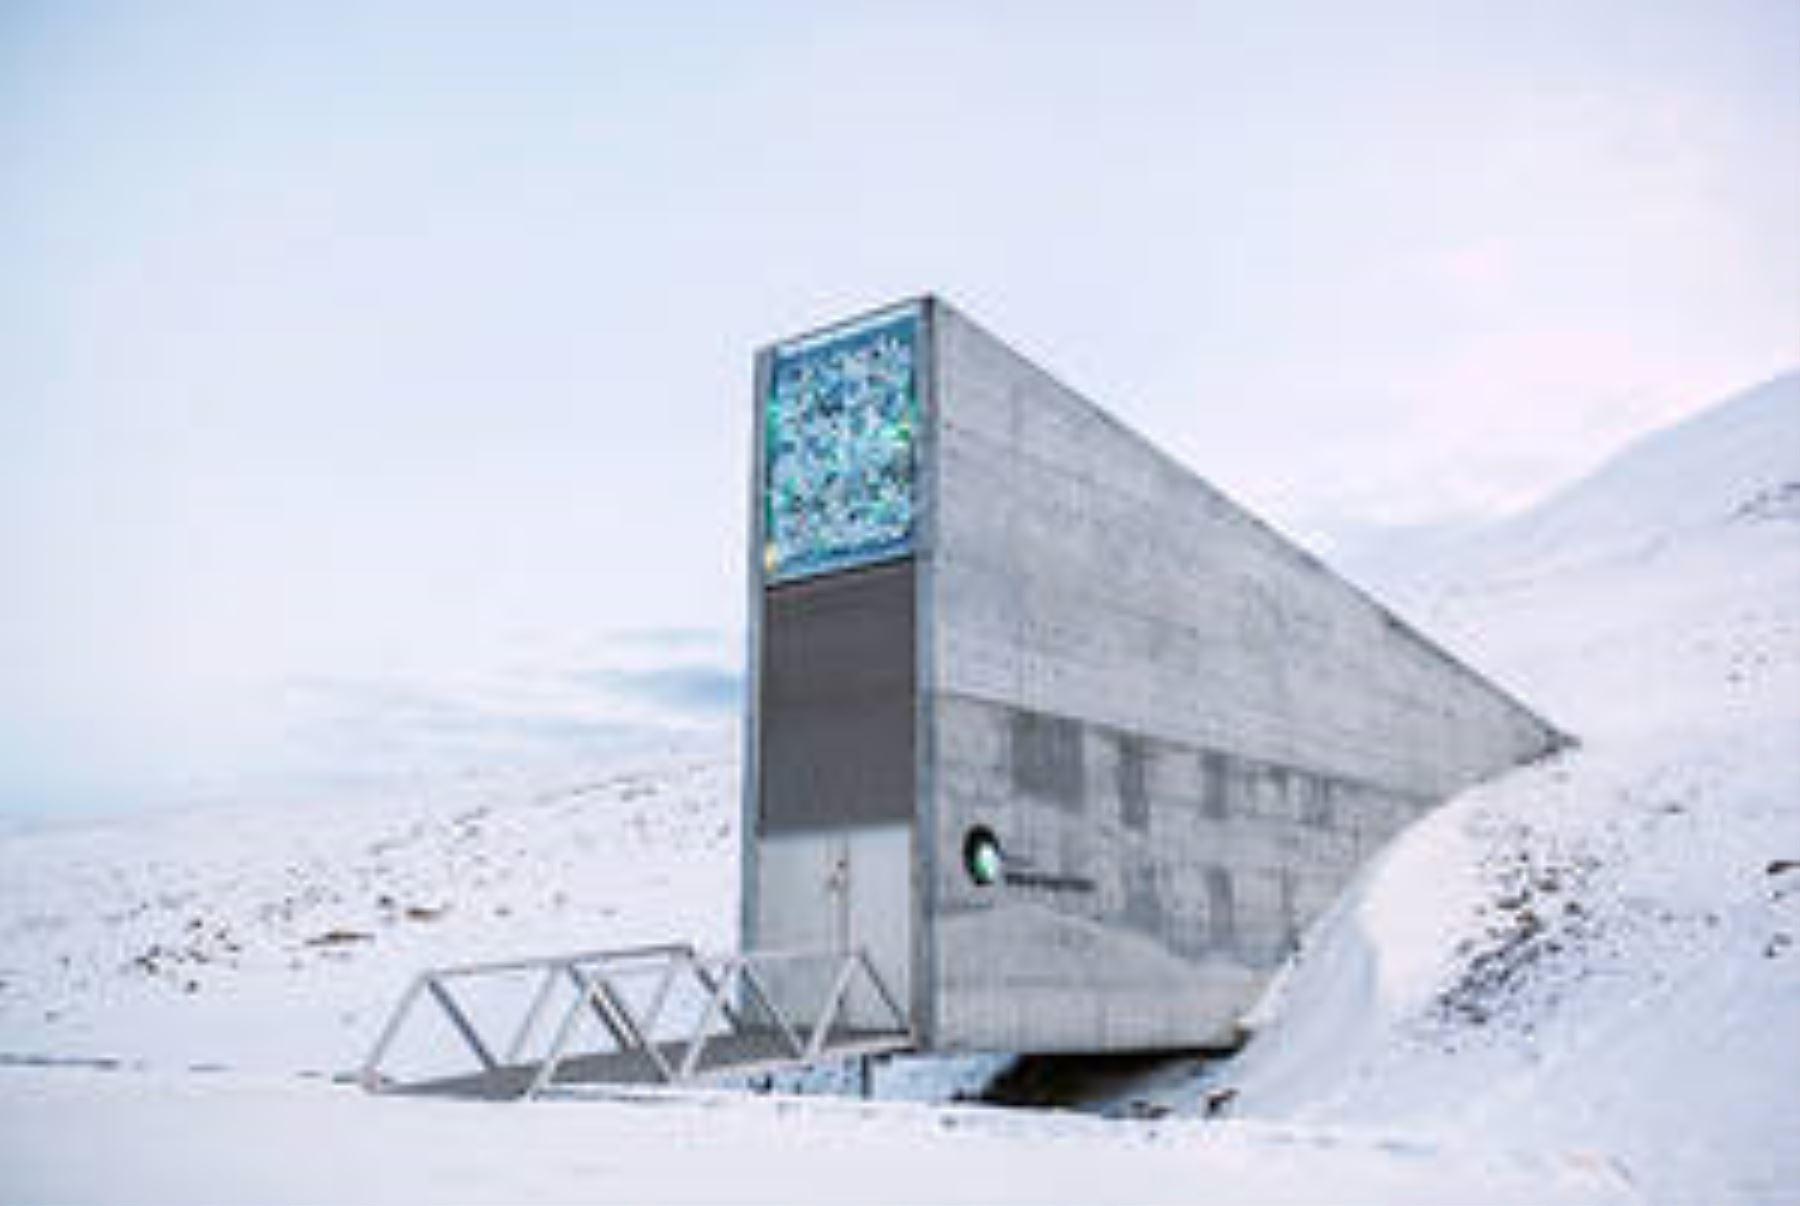 Distintas variedades de papa de los pueblos andinos han sido salvaguardadas para el futuro de la humanidad en el depósito mundial de semillas localizado en el Círculo Polar Ártico. Difusión